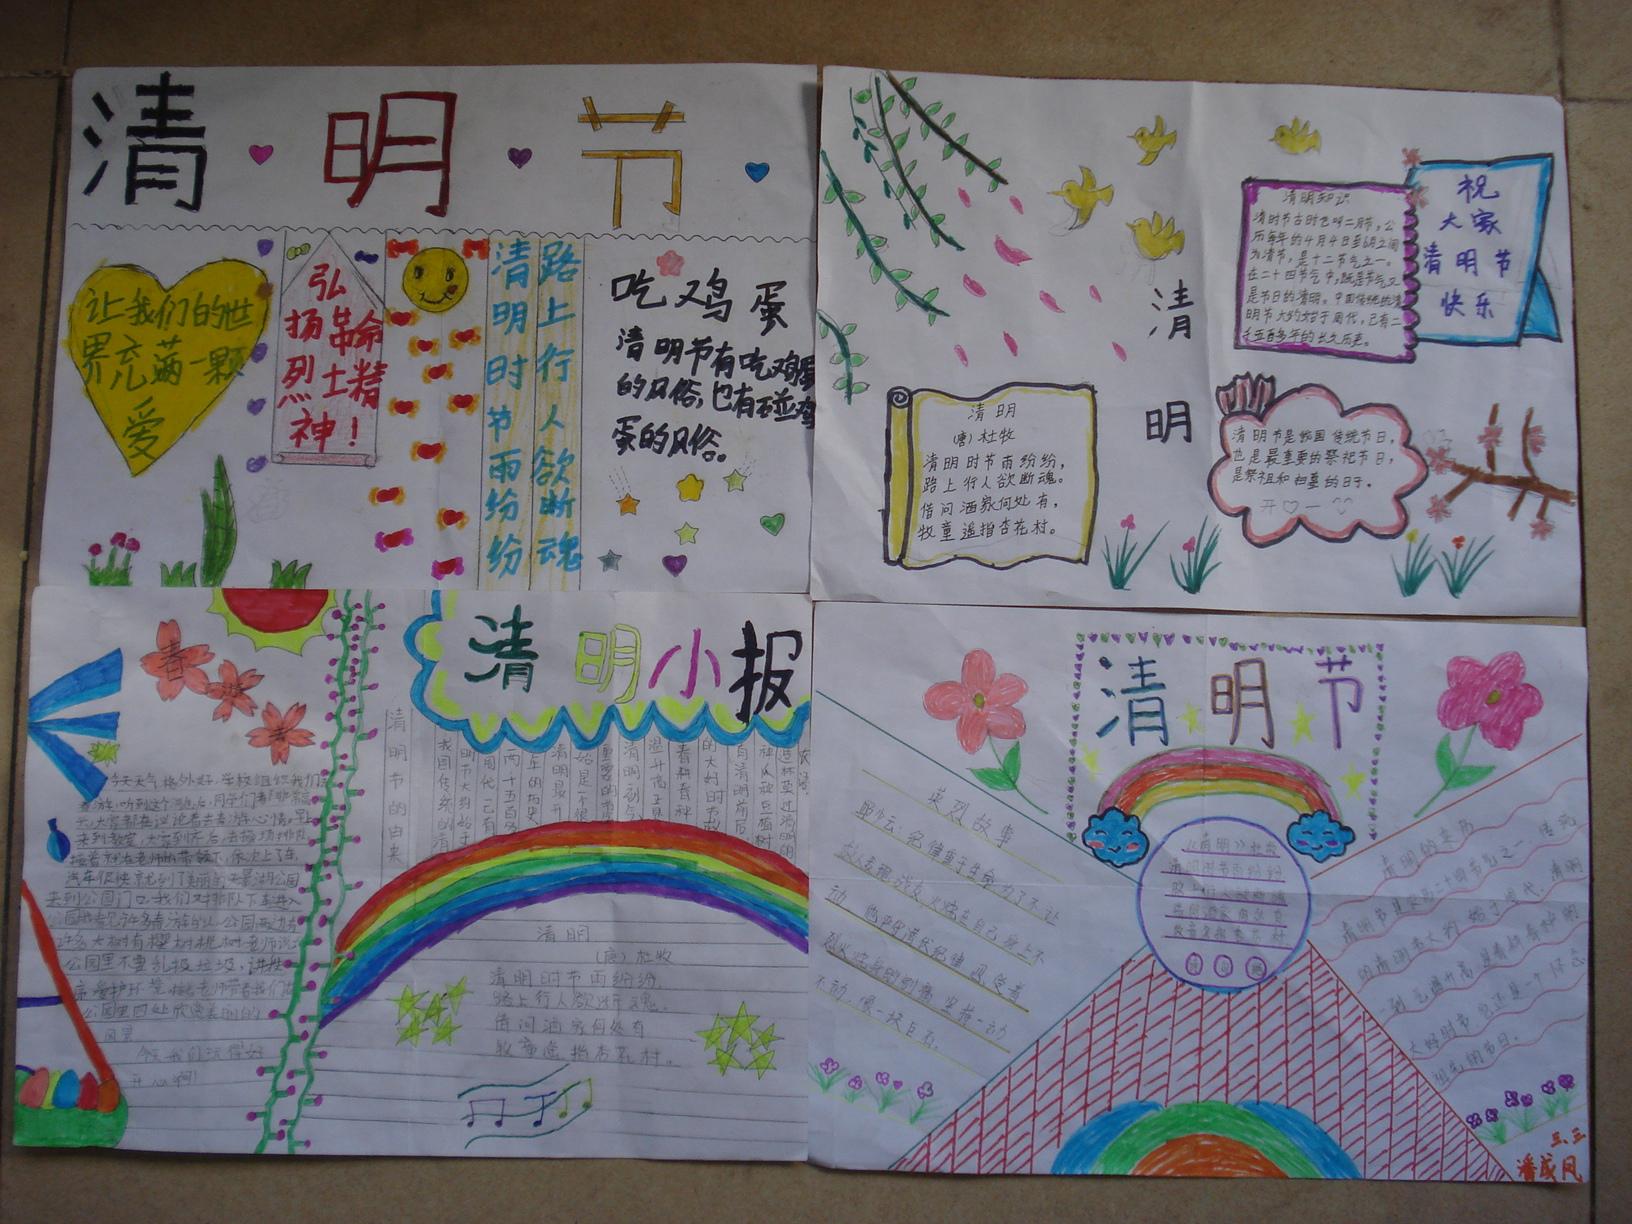 昌邑市石埠小学举行2014清明节手抄报比赛,图为队员们自己设计制作的